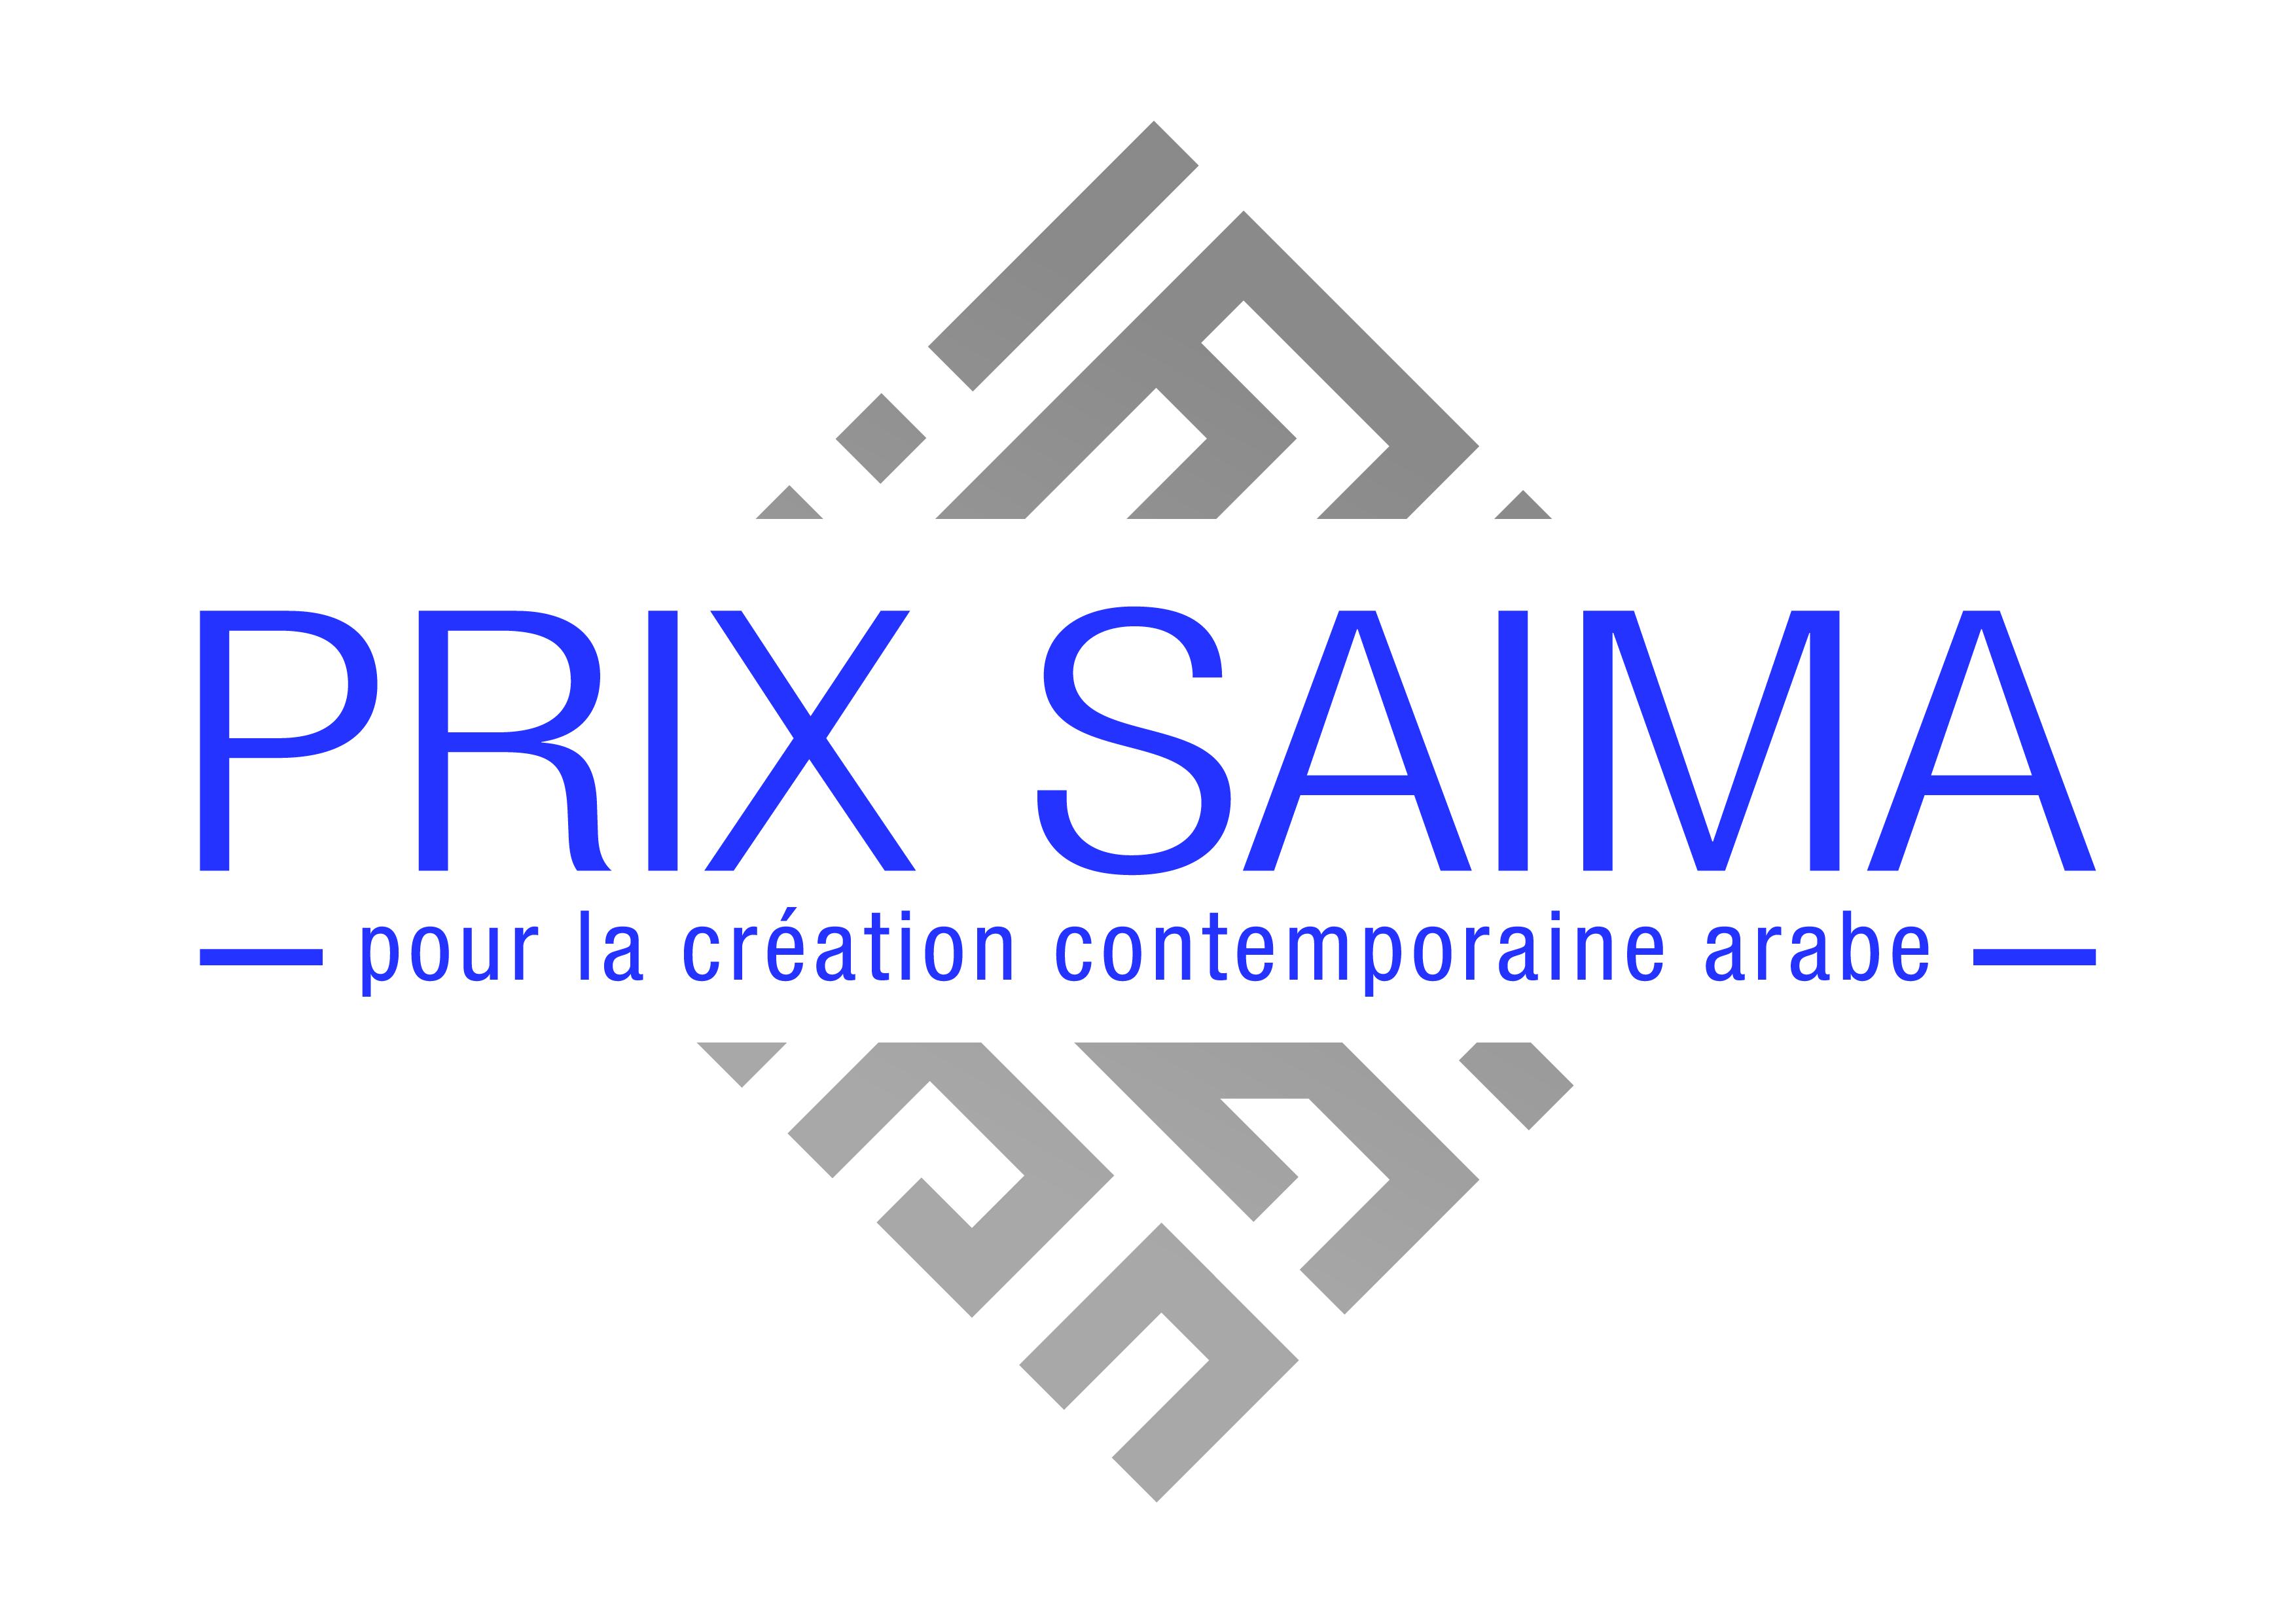 L'Institut du monde arabe lance un prix pour la création contemporaine arabe